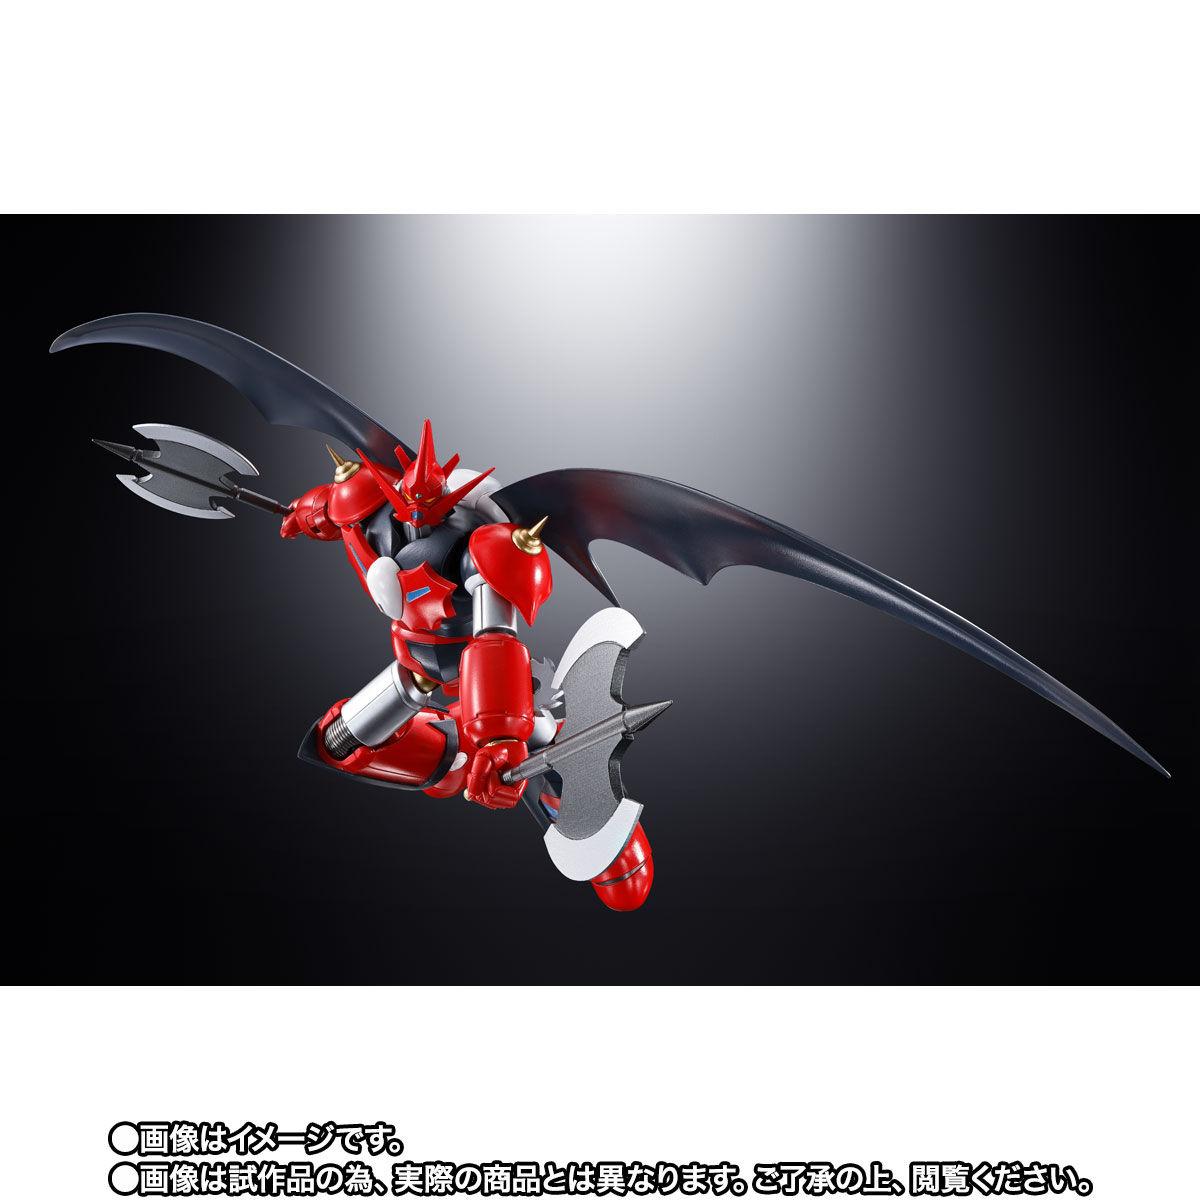 【限定販売】超合金魂『GX-98 ゲッターD2』ゲッターロボ アーク 可動フィギュア-004